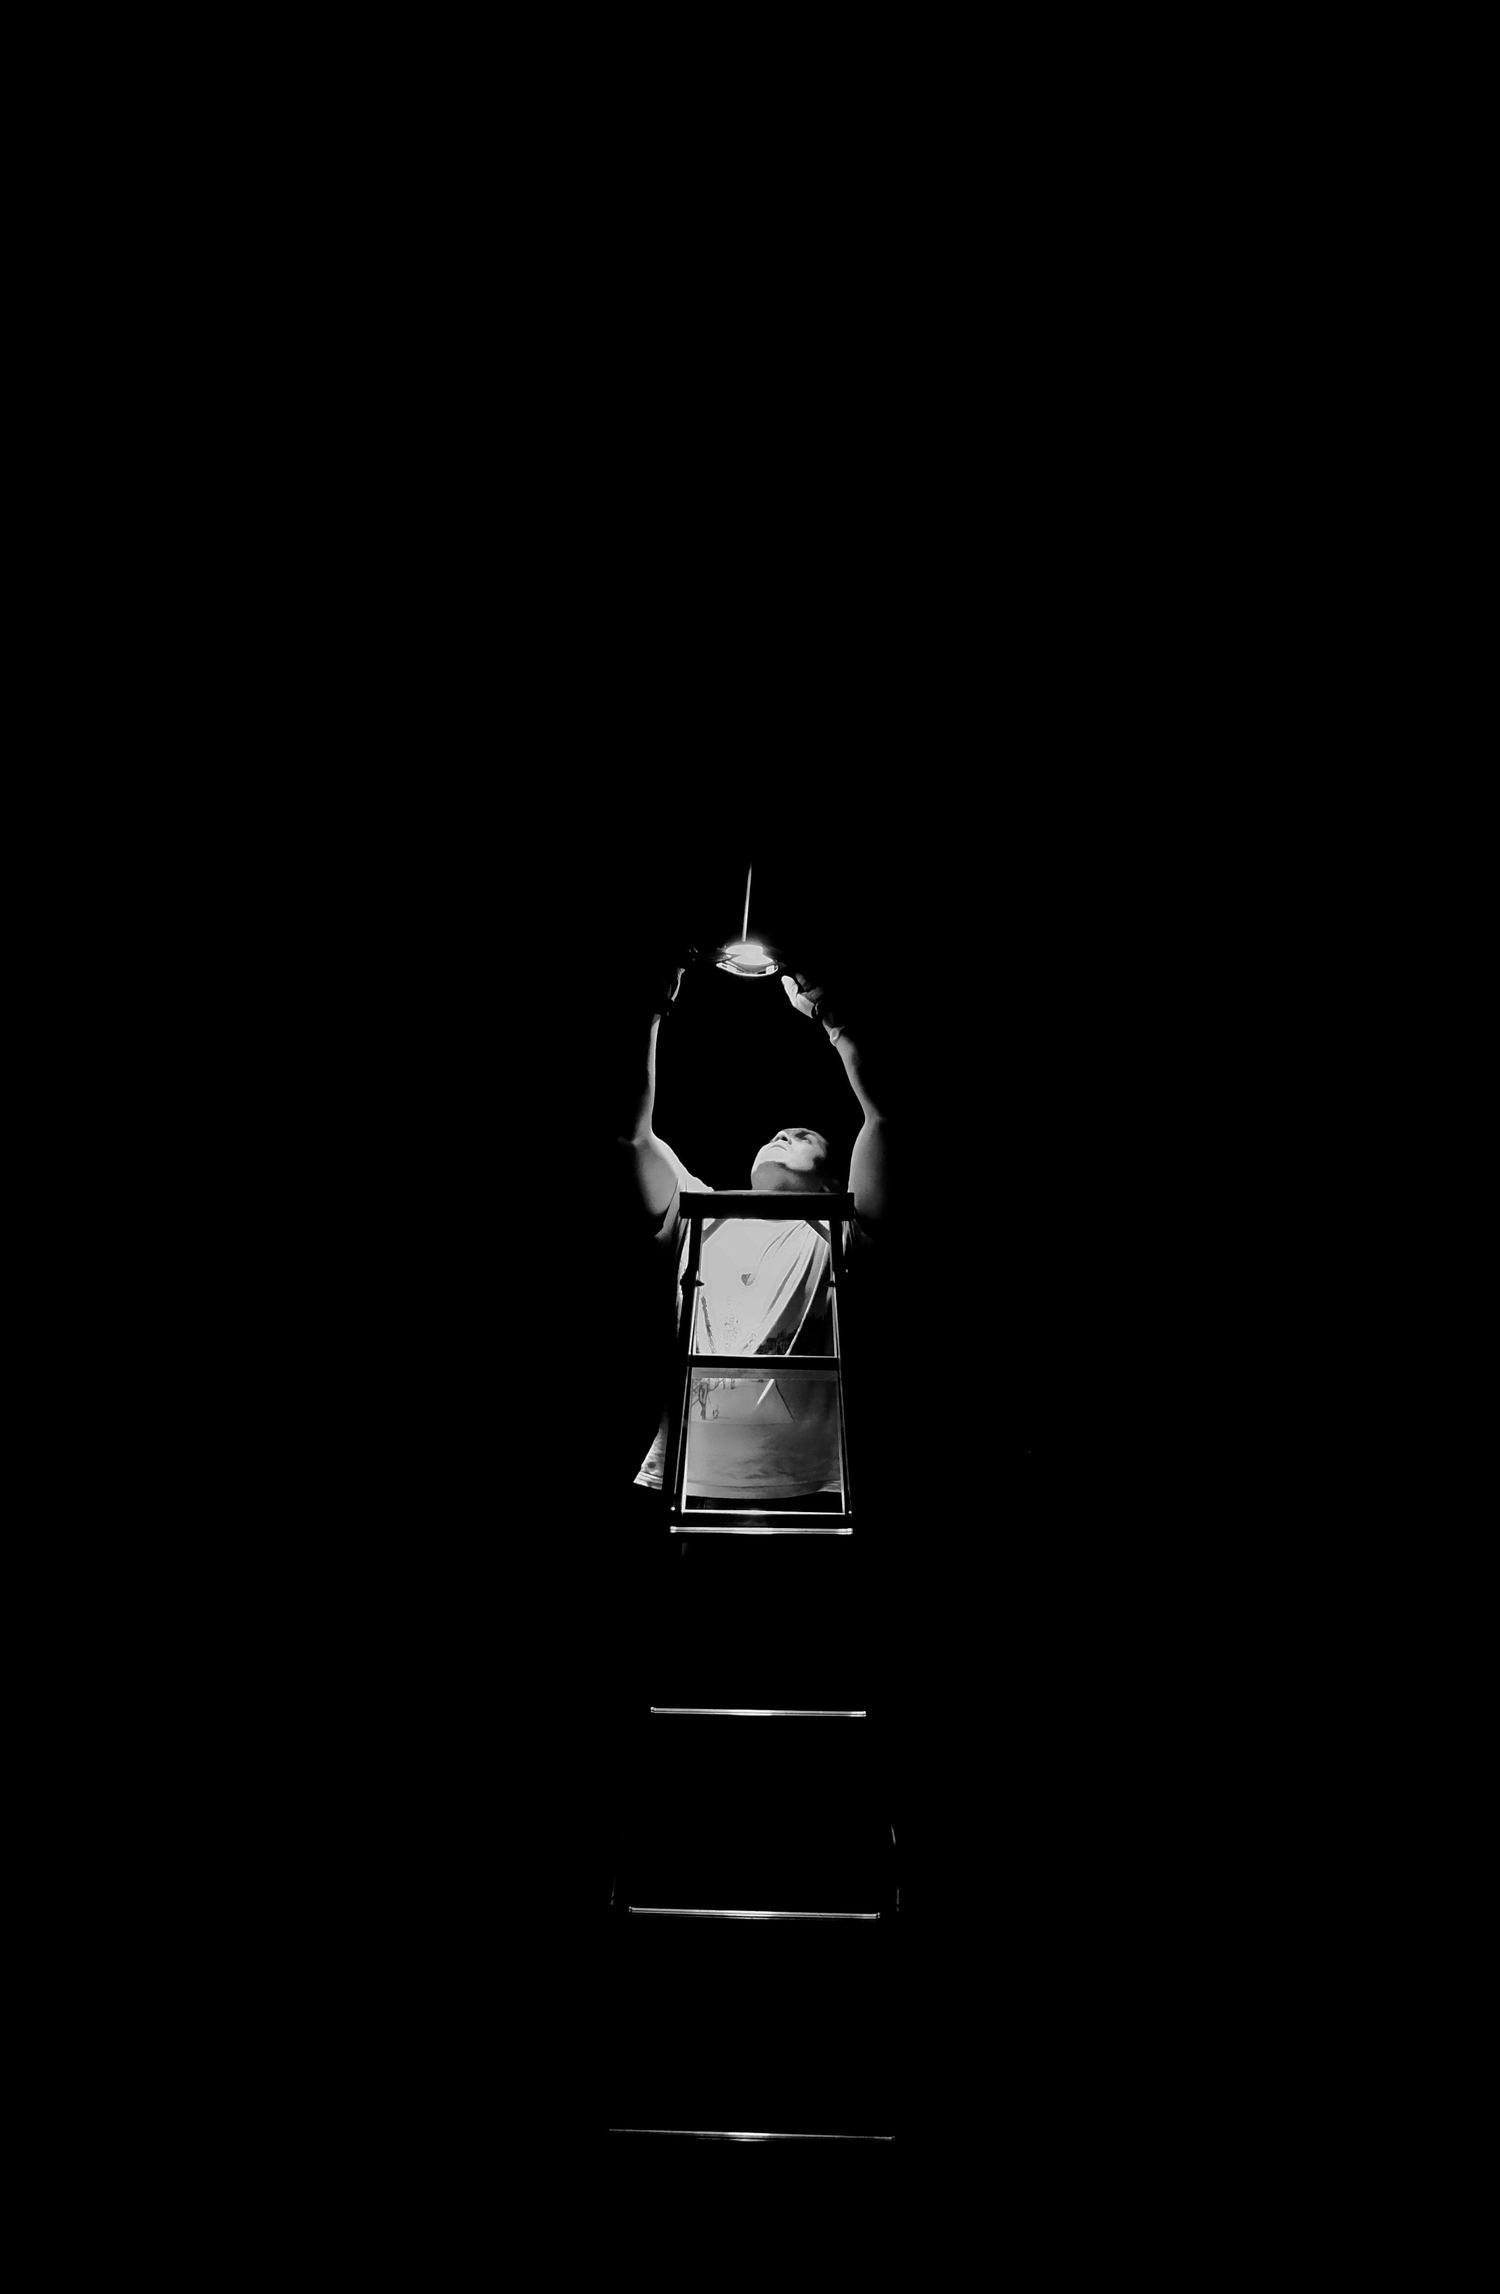 fotografía hombre arreglando luz clave baja